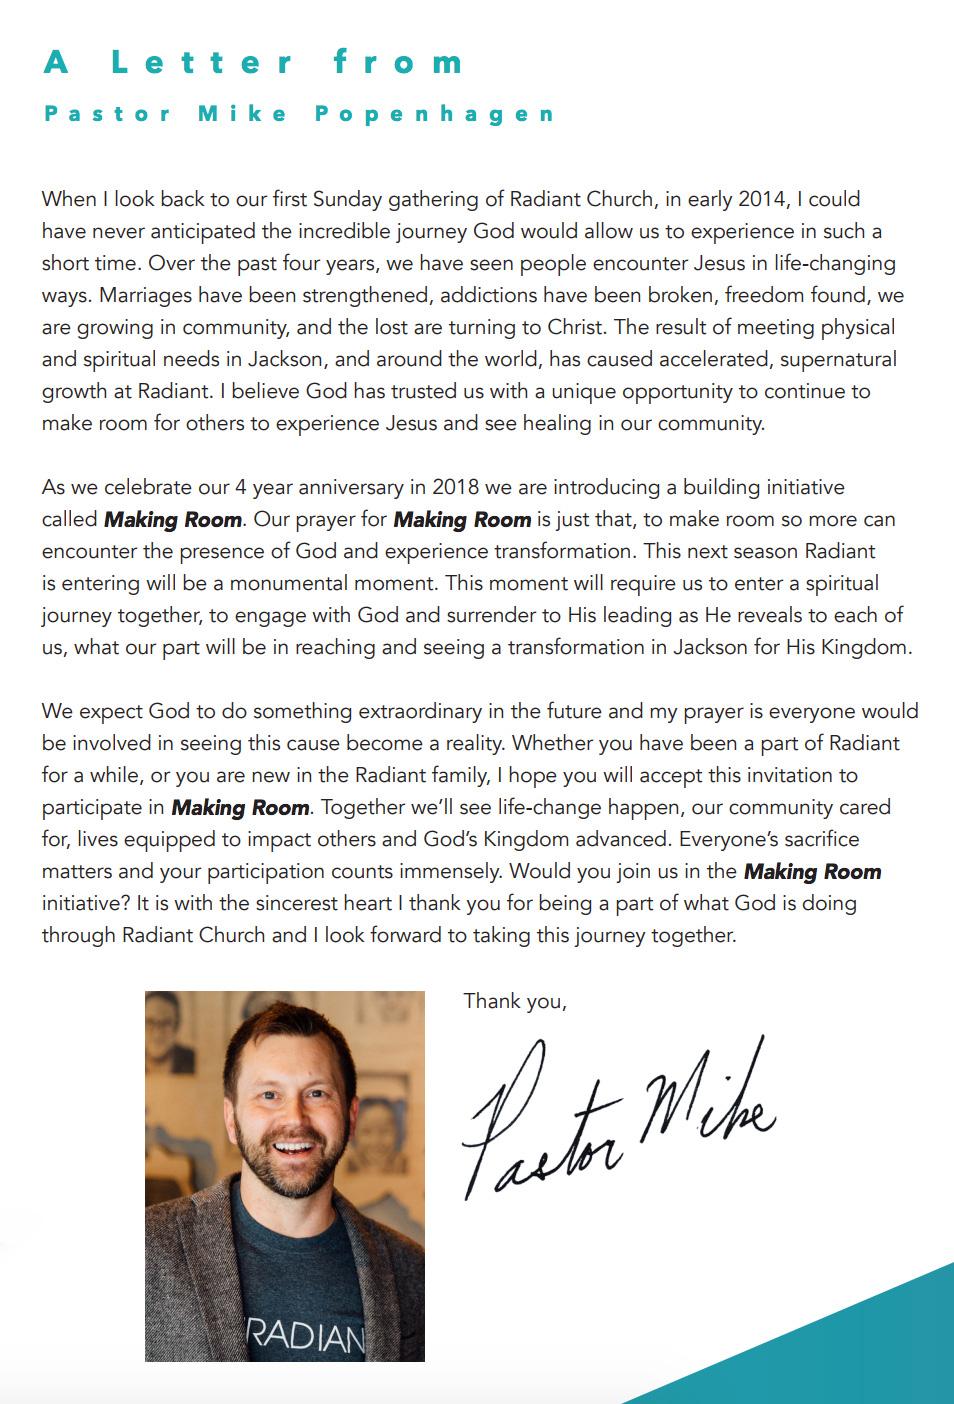 making-room-letter-from-pastor-mike.jpg